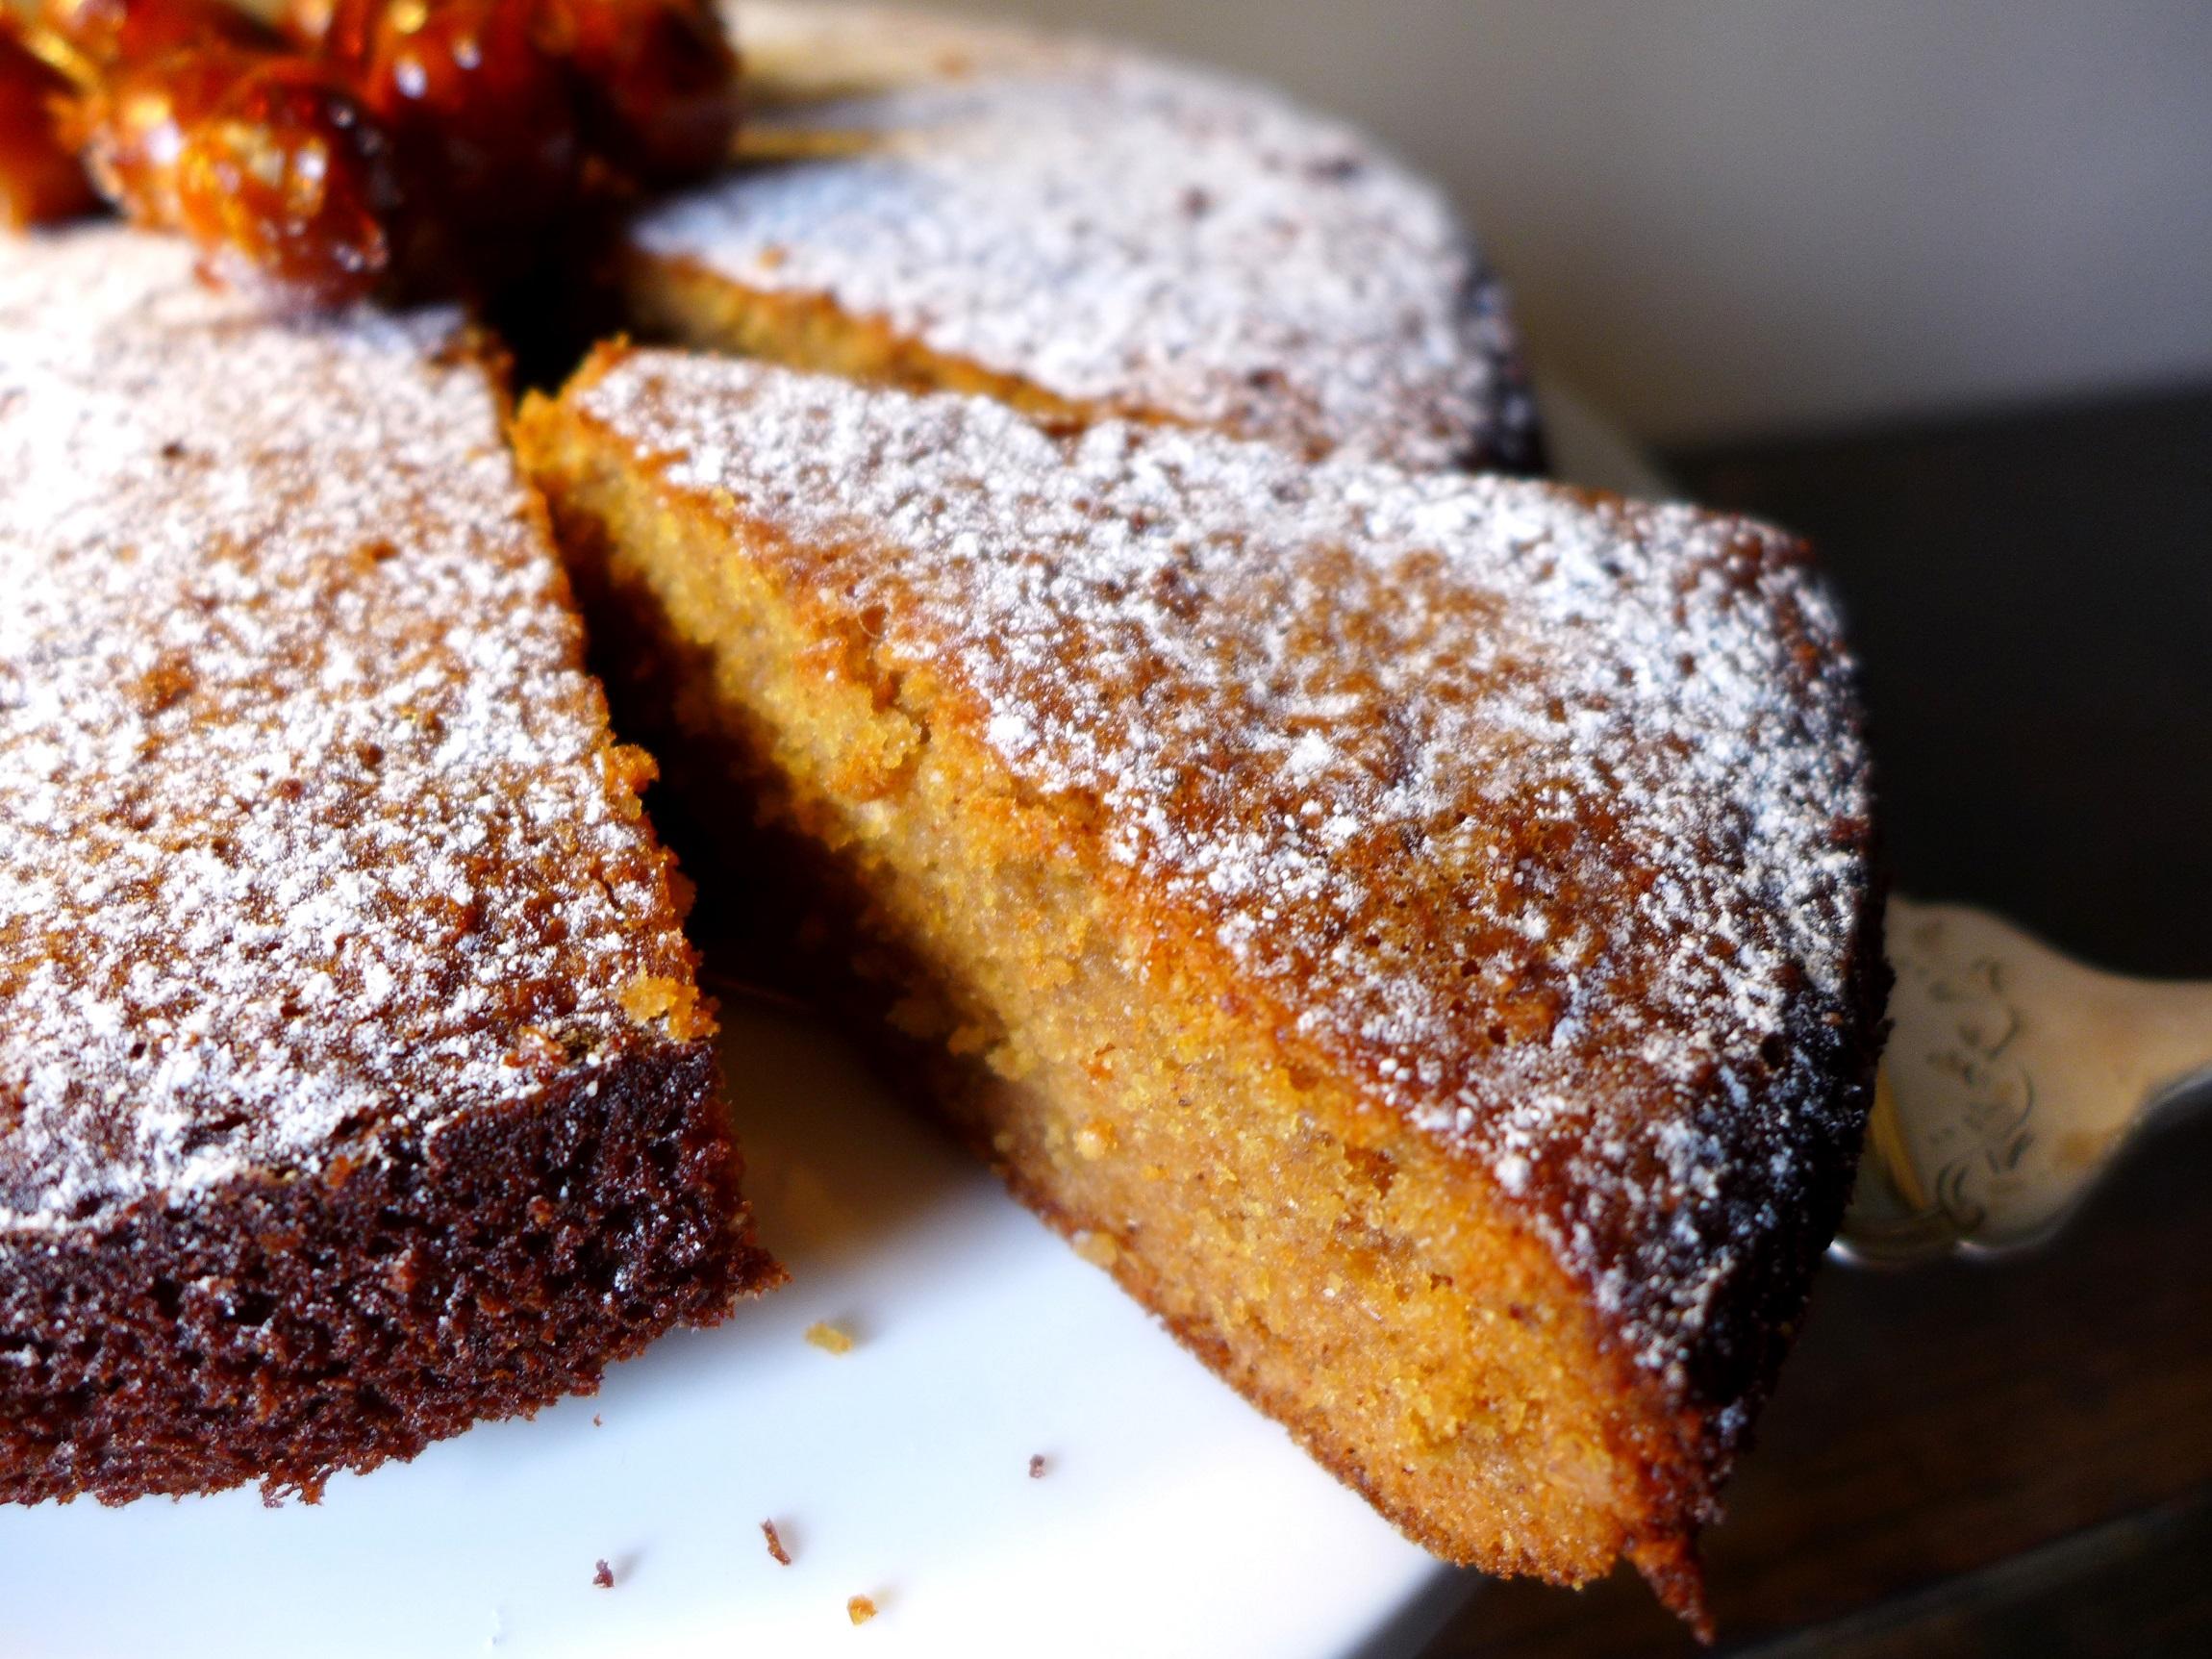 Hazelnut Cake Recipes Uk: Honey And Hazelnut Cake